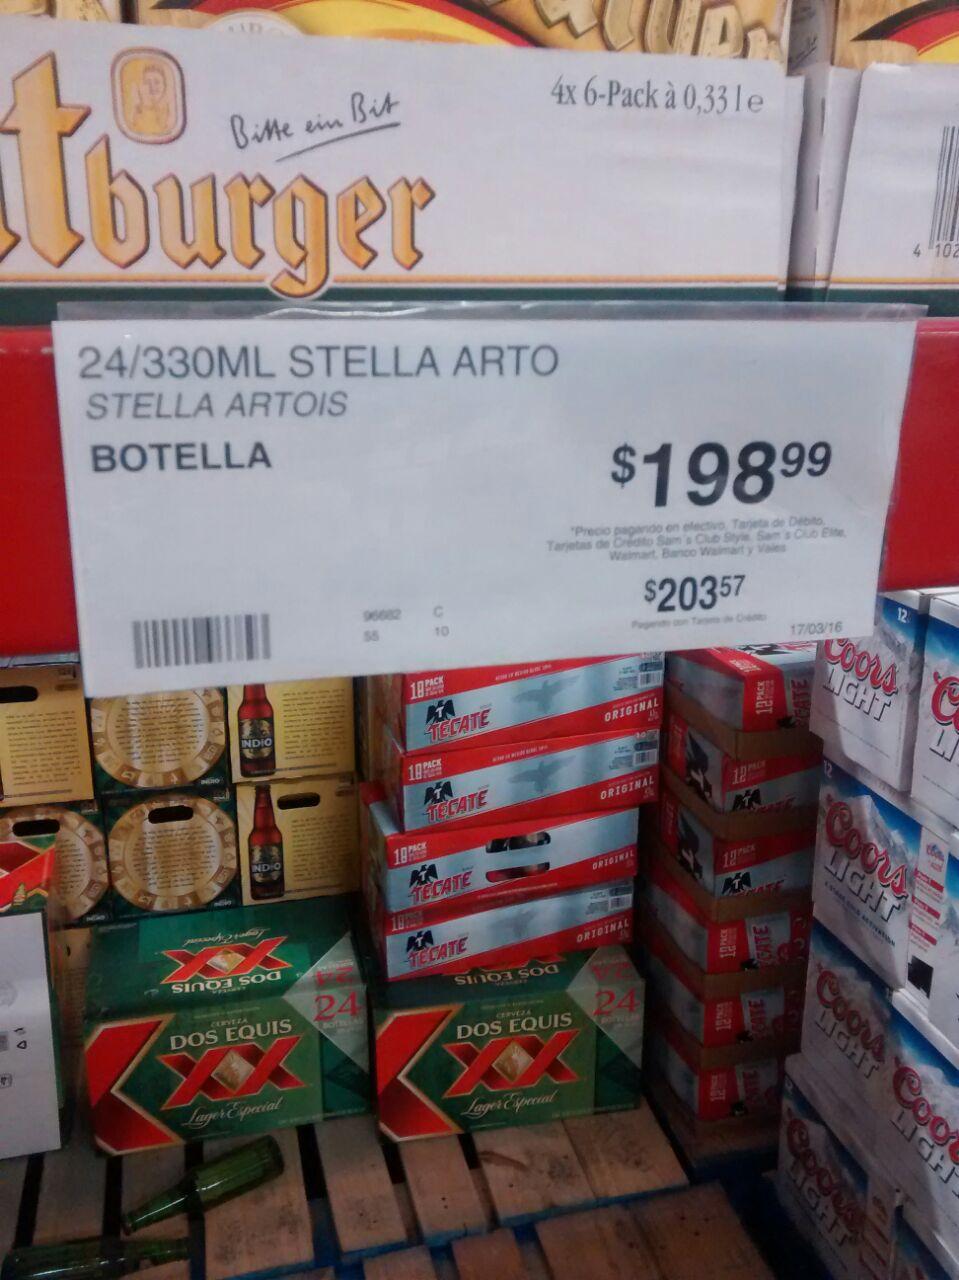 Sam's Club: Cerveza Stella Artois, 24 botellas por $198.99. Barril Heineken 5 lt. $225.00